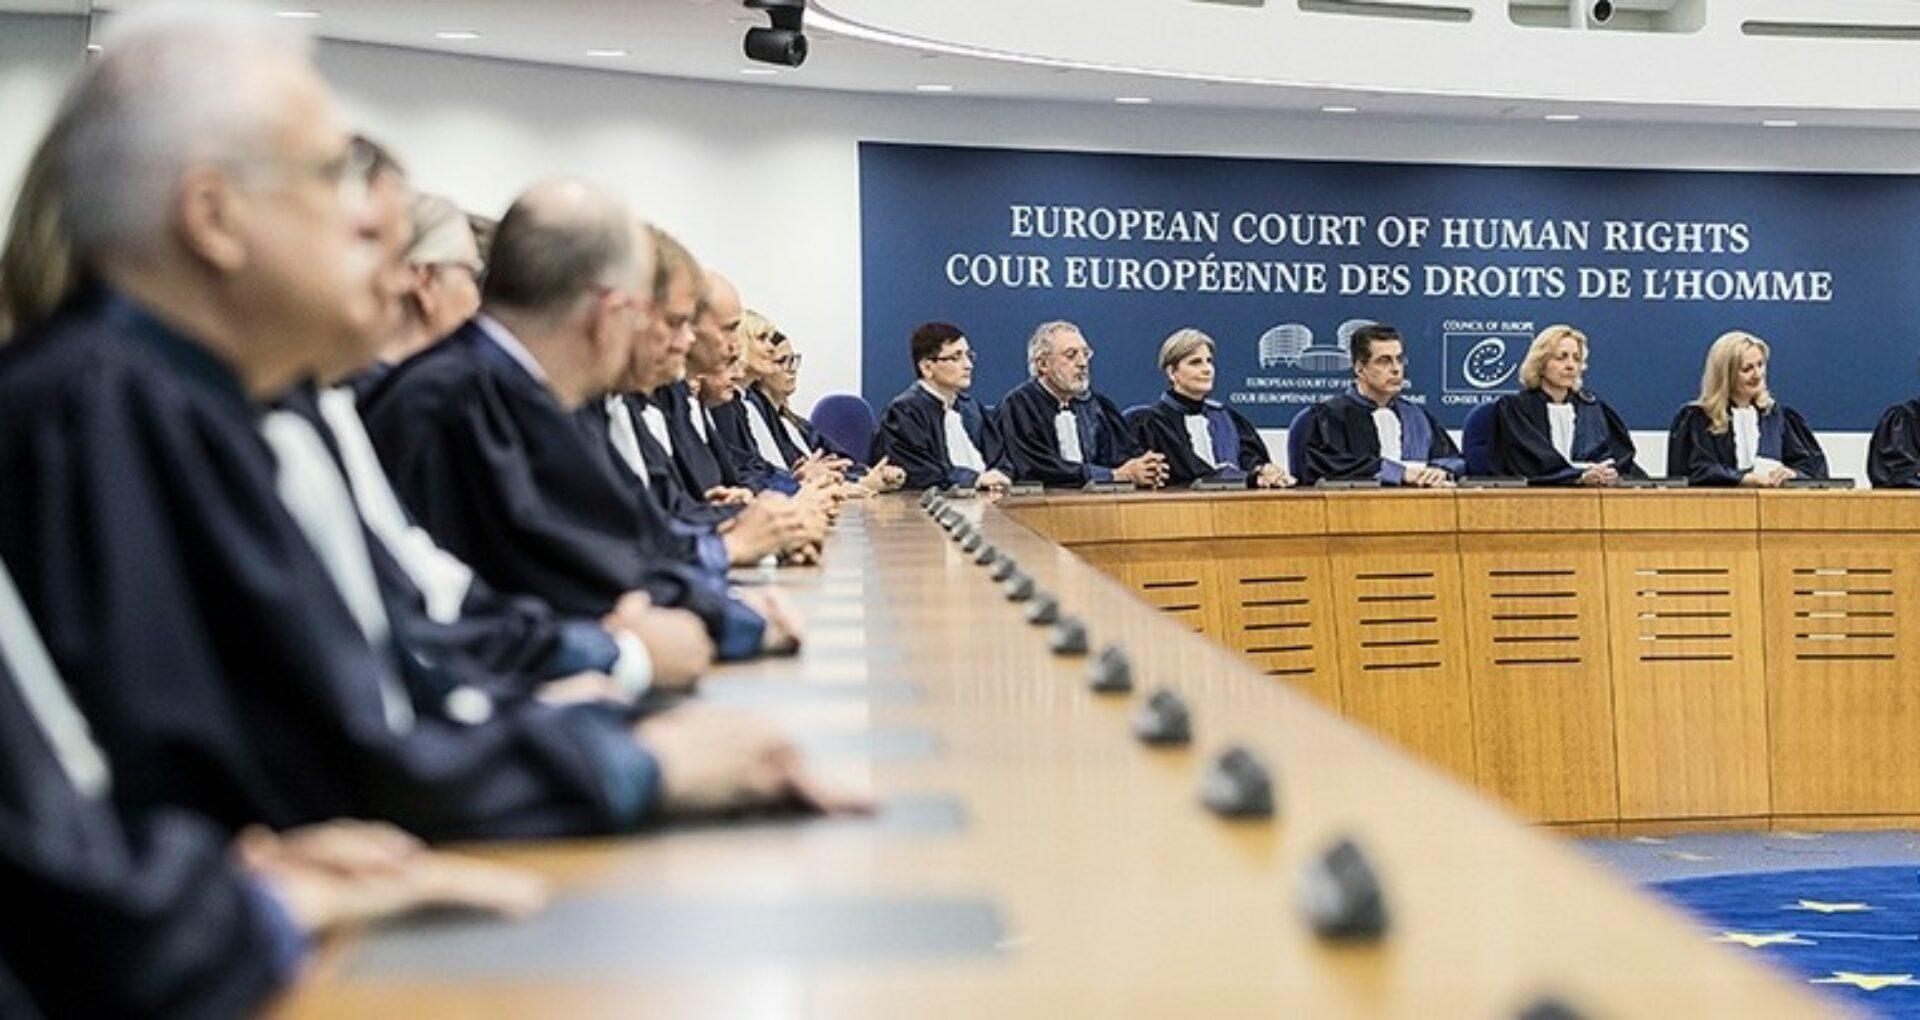 Curtea Europeană a Drepturilor Omului: principiul solidarităţii sociale poate justifica impunerea vaccinării tuturor, inclusiv a celor care se simt mai puţin ameninţaţi de boală